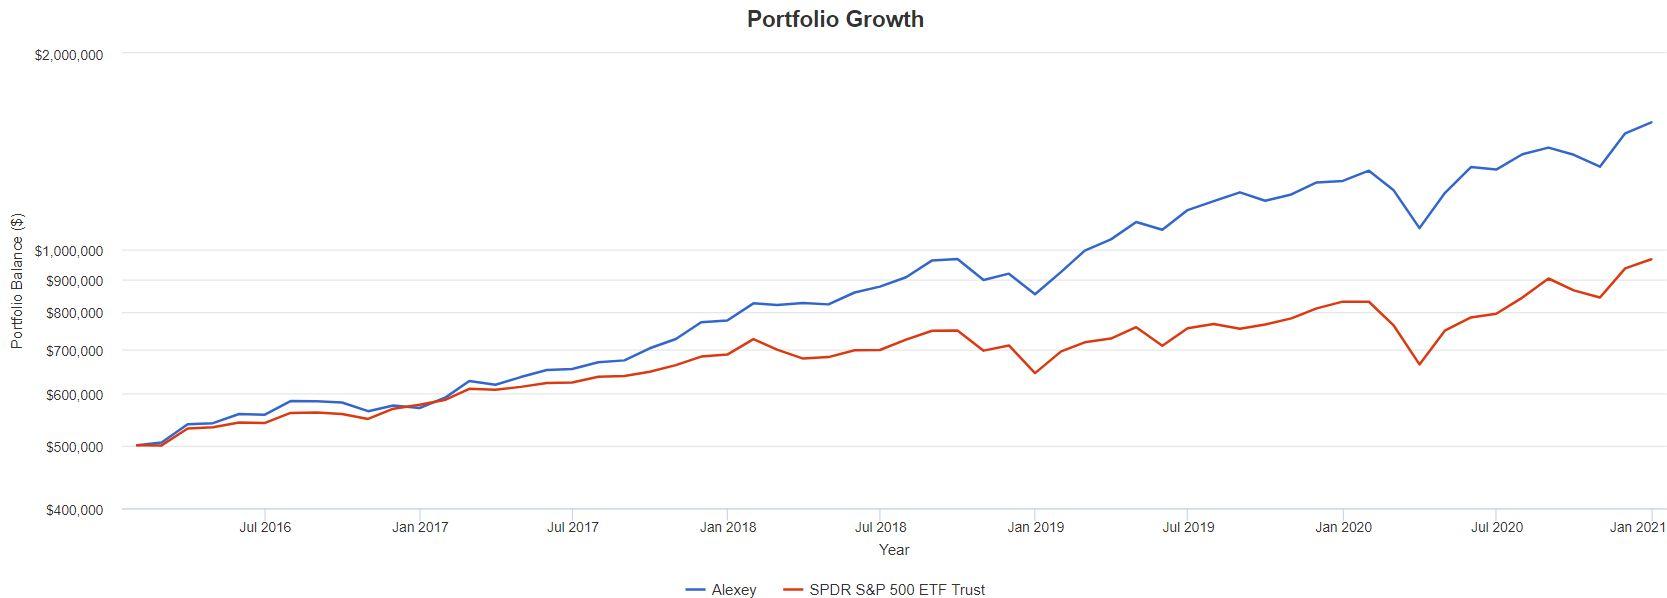 Кейс: портфельные инвестиции в акции США